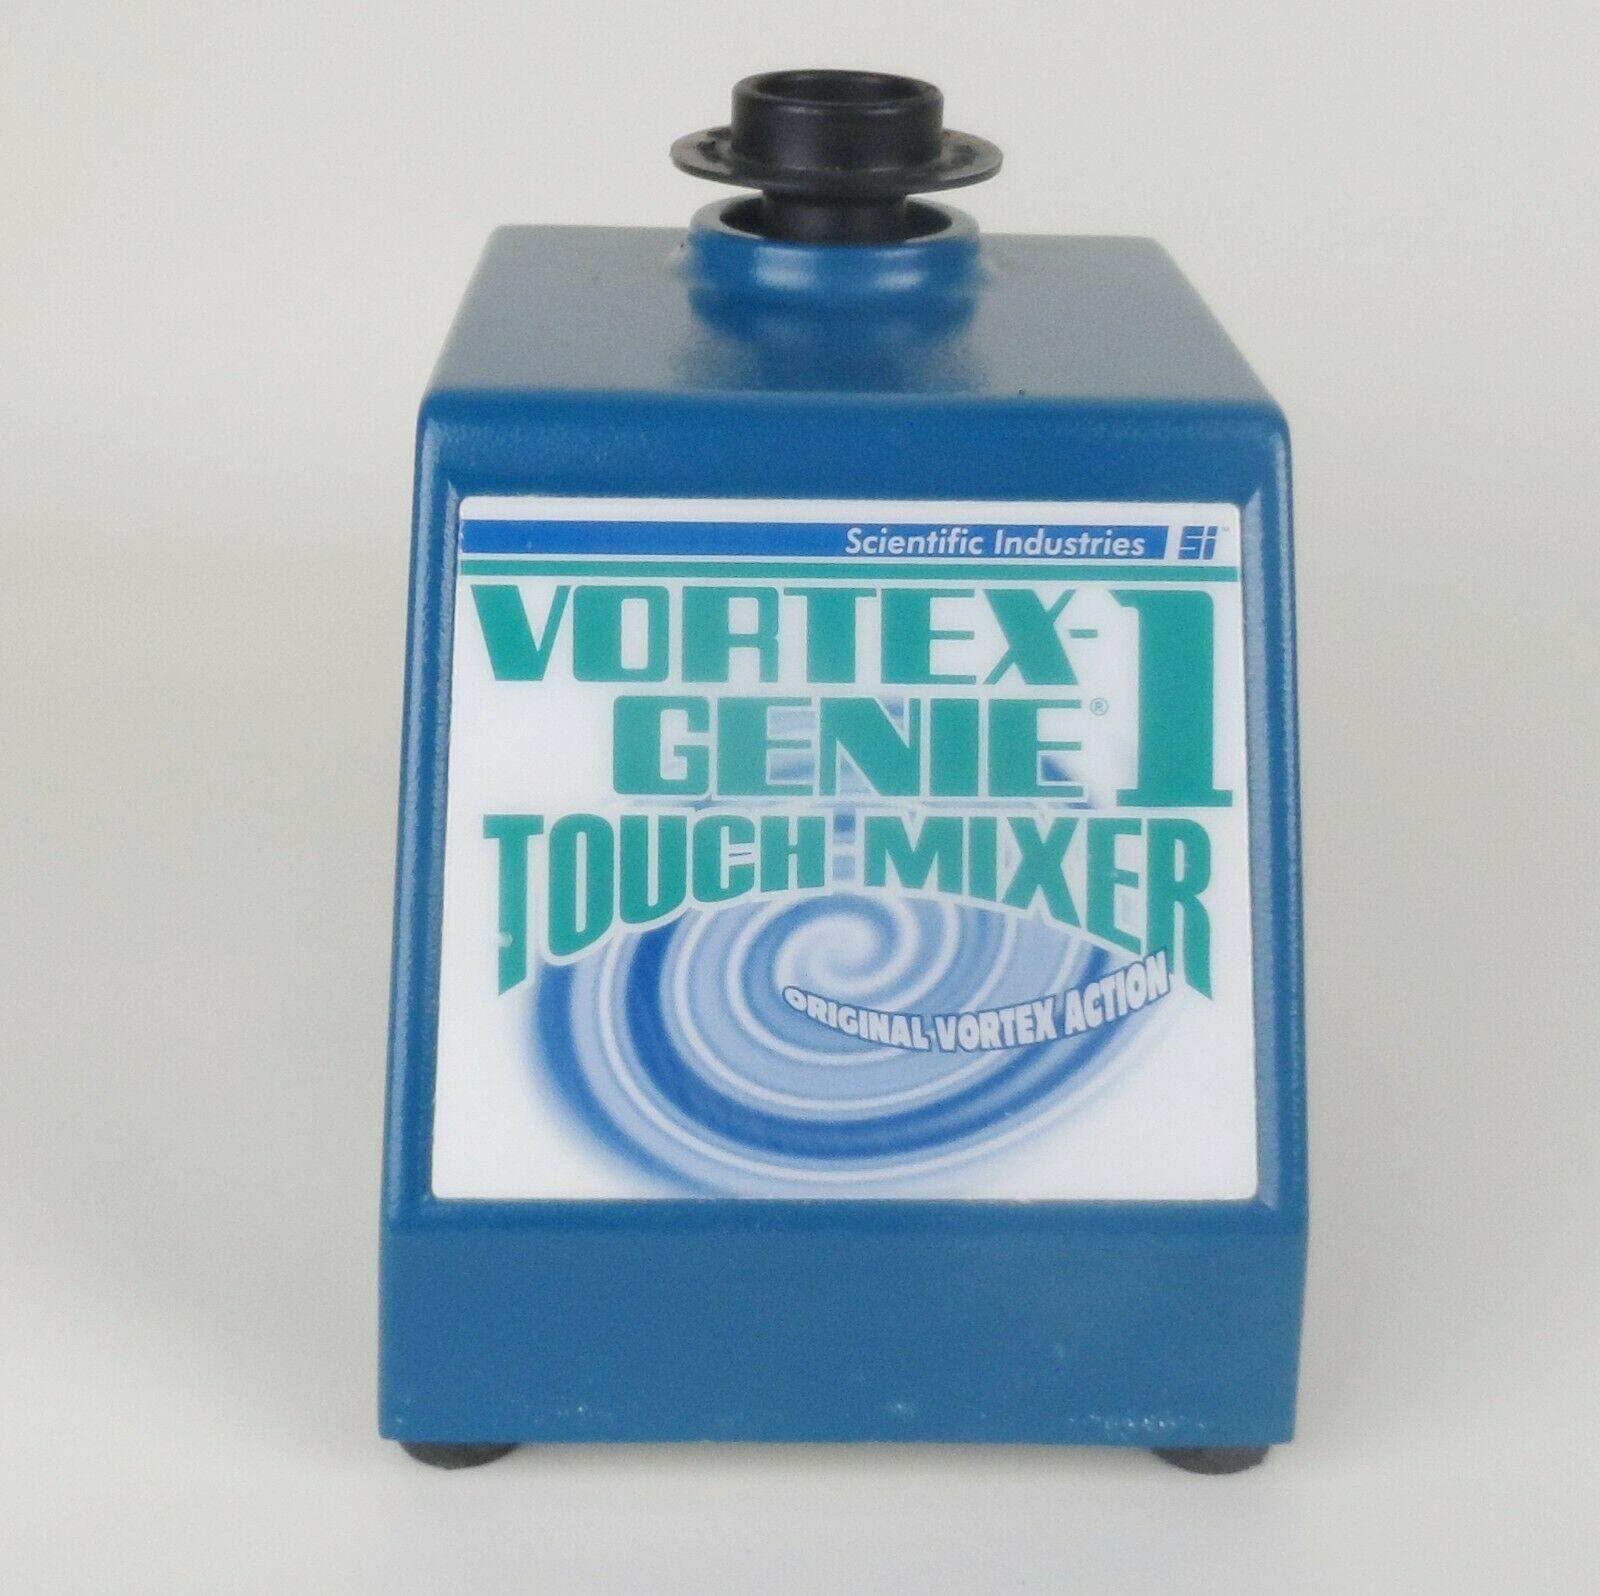 Vortex Genie 1 Touch Mixer